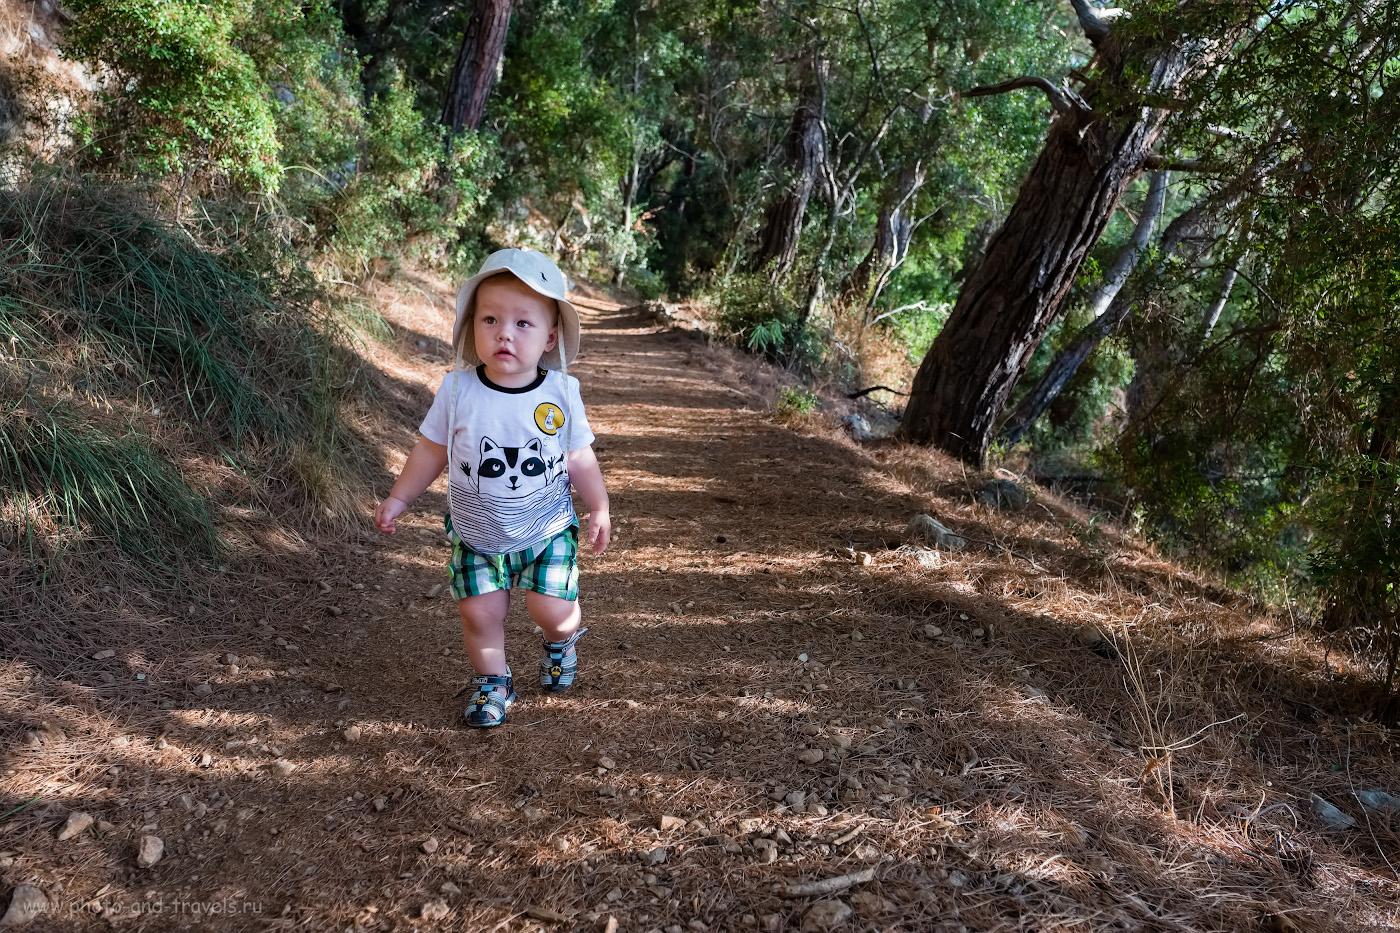 Фото 6. Маленький турист на тропе к маяку на мысе Гелидония. Отзывы о походе по Восточной Ликийской тропе с детьми. 1/200, 2.8, -0.33, 16.5.